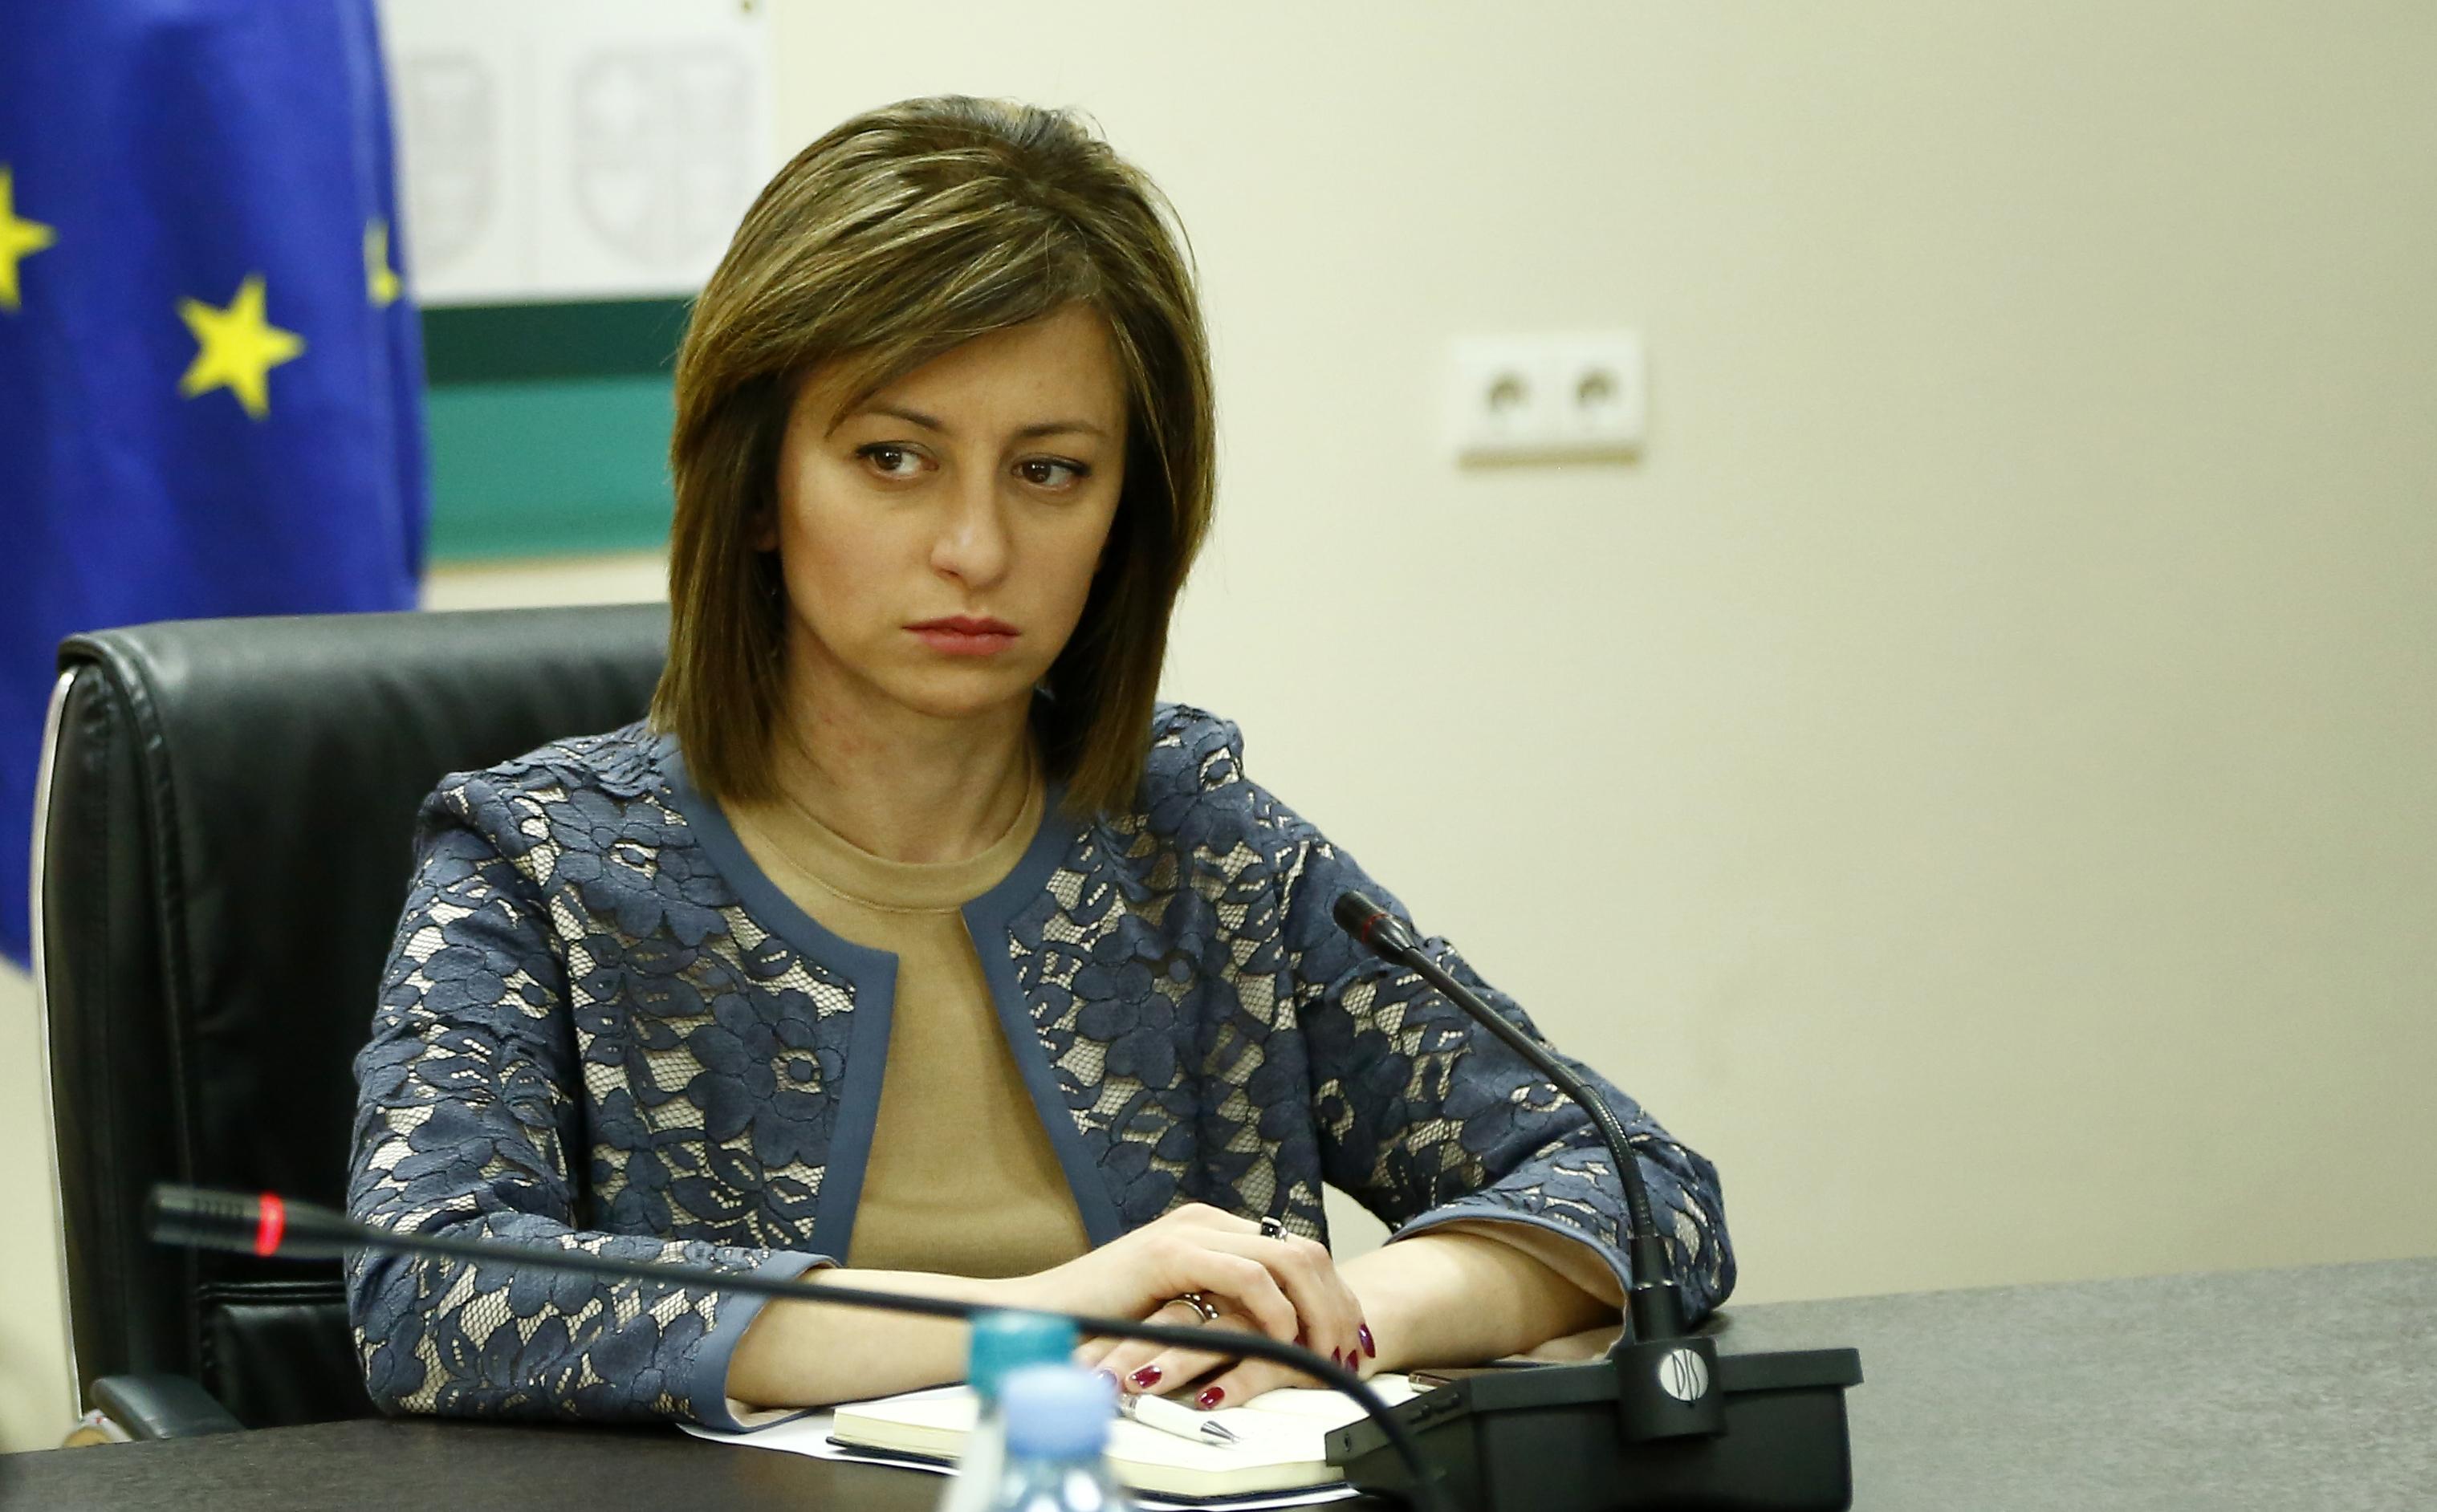 """ჯანდაცვის მინისტრი - """"ვარწმუნებ ჩვენს მოსახლეობას, რომ ამ ეტაპზე საქართველოში არ არსებობს ეპიდემიის საფრთხე"""""""